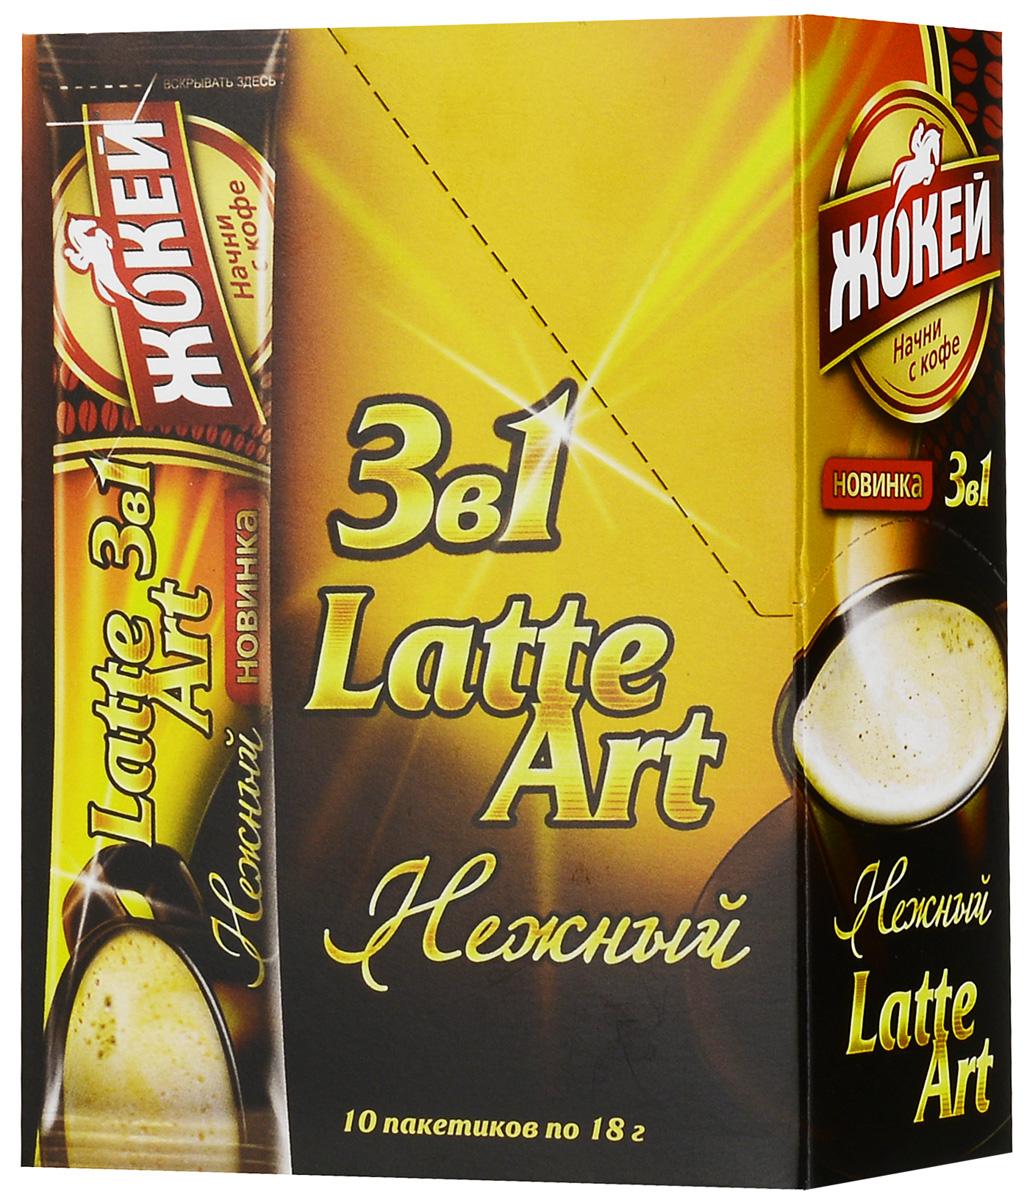 Жокей Latte Art растворимый кофейный напиток со вкусом молока, 10 шт0951-20_новая упаковкаРастворимый кофейный напиток Жокей Latte Art с сахаром и сливками. Настоящий кофе латте.